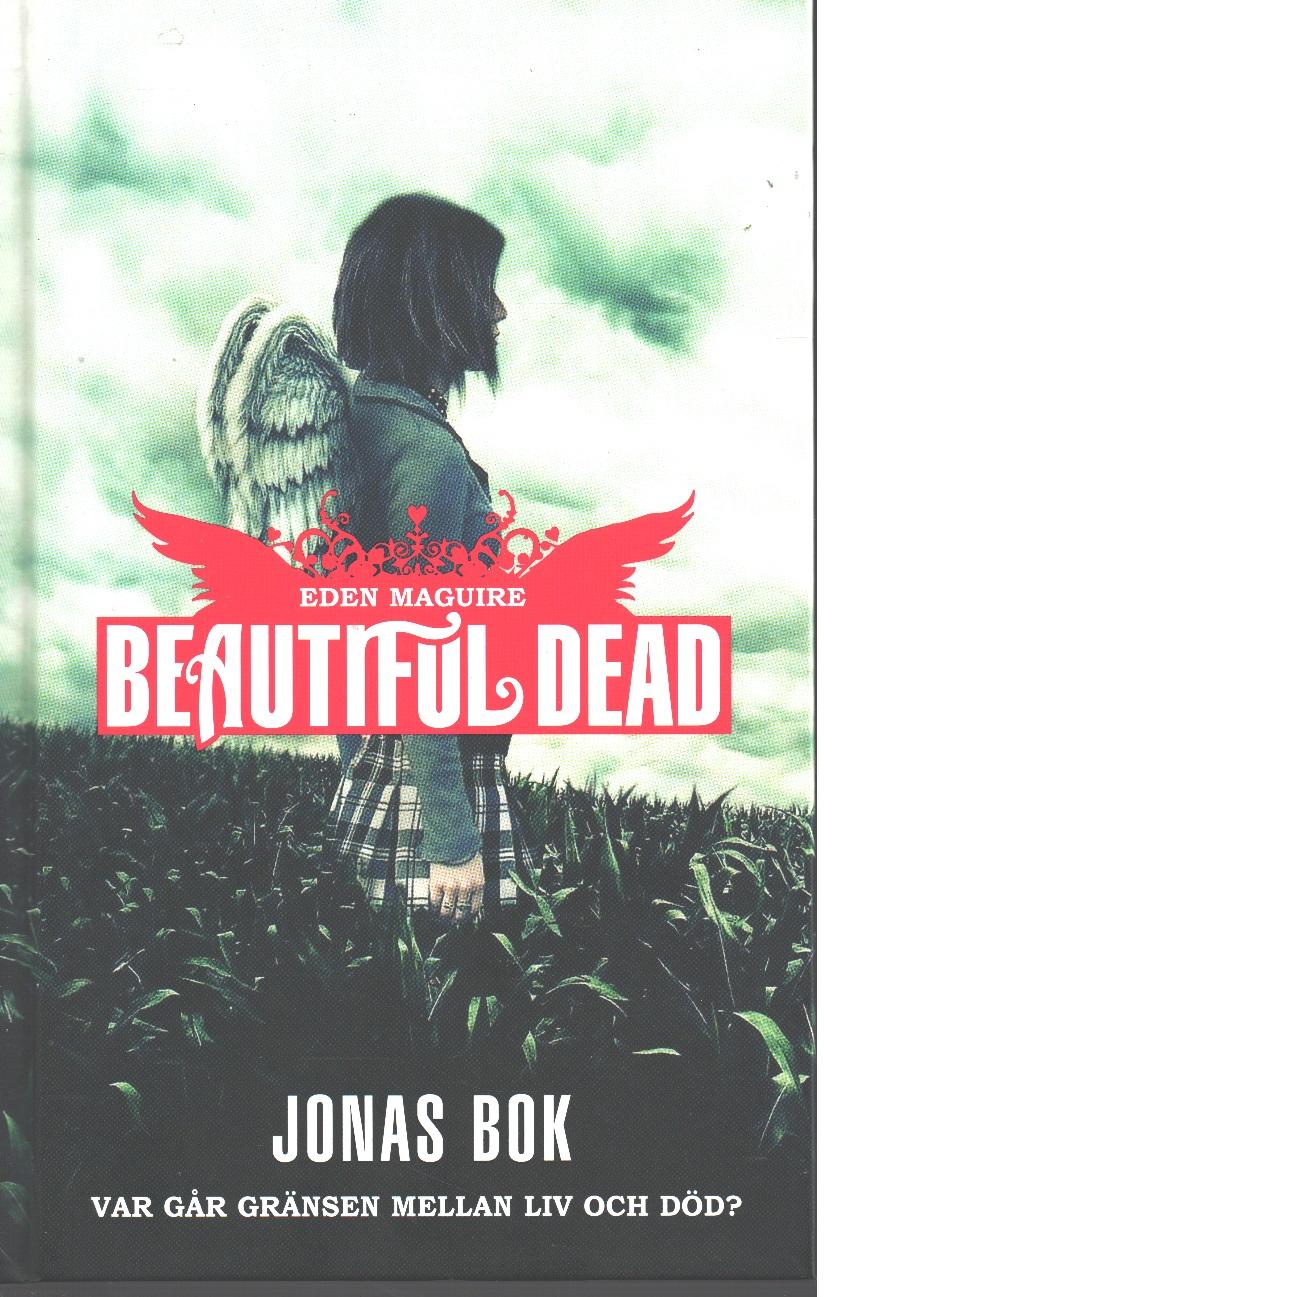 Jonas bok : Beautiful dead [var går gränsen mellan liv och död?] - Maguire, Eden